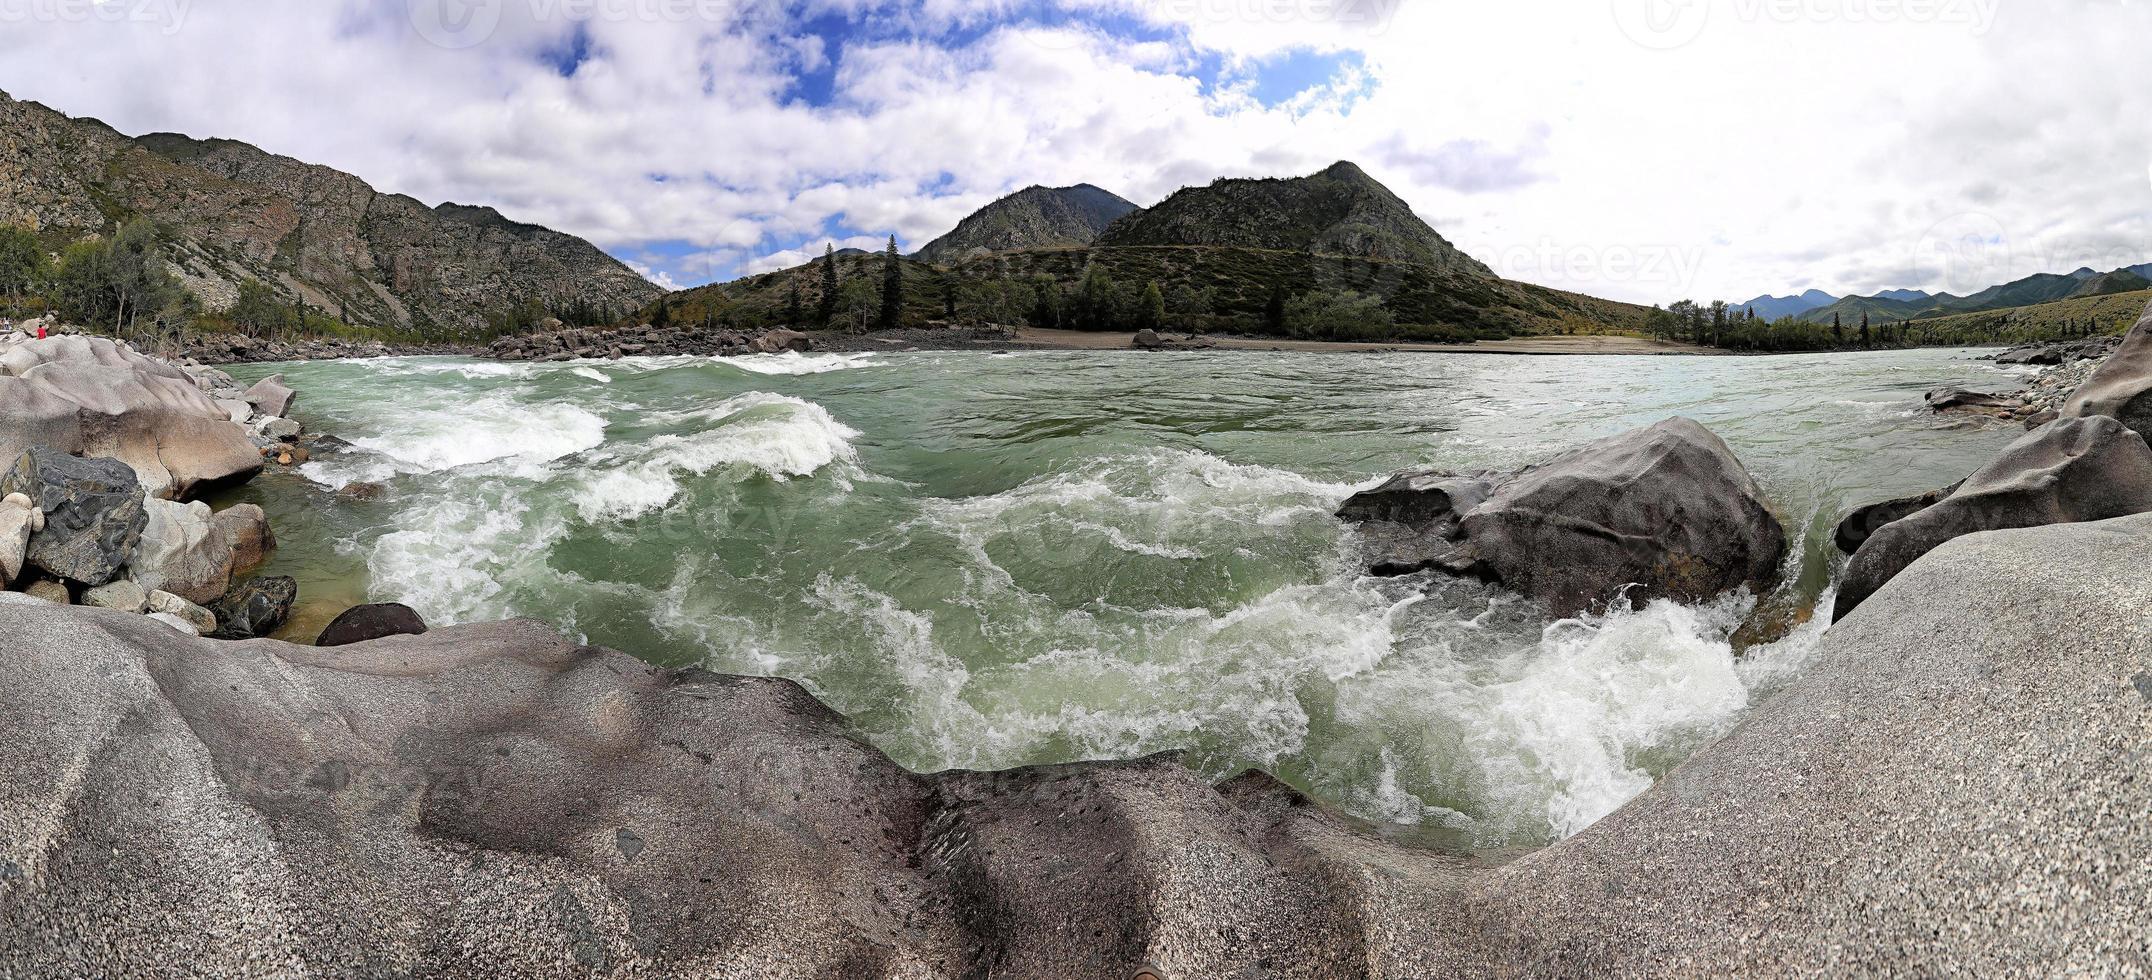 montagne et le magnifique rivage d'une rivière de montagne. photo